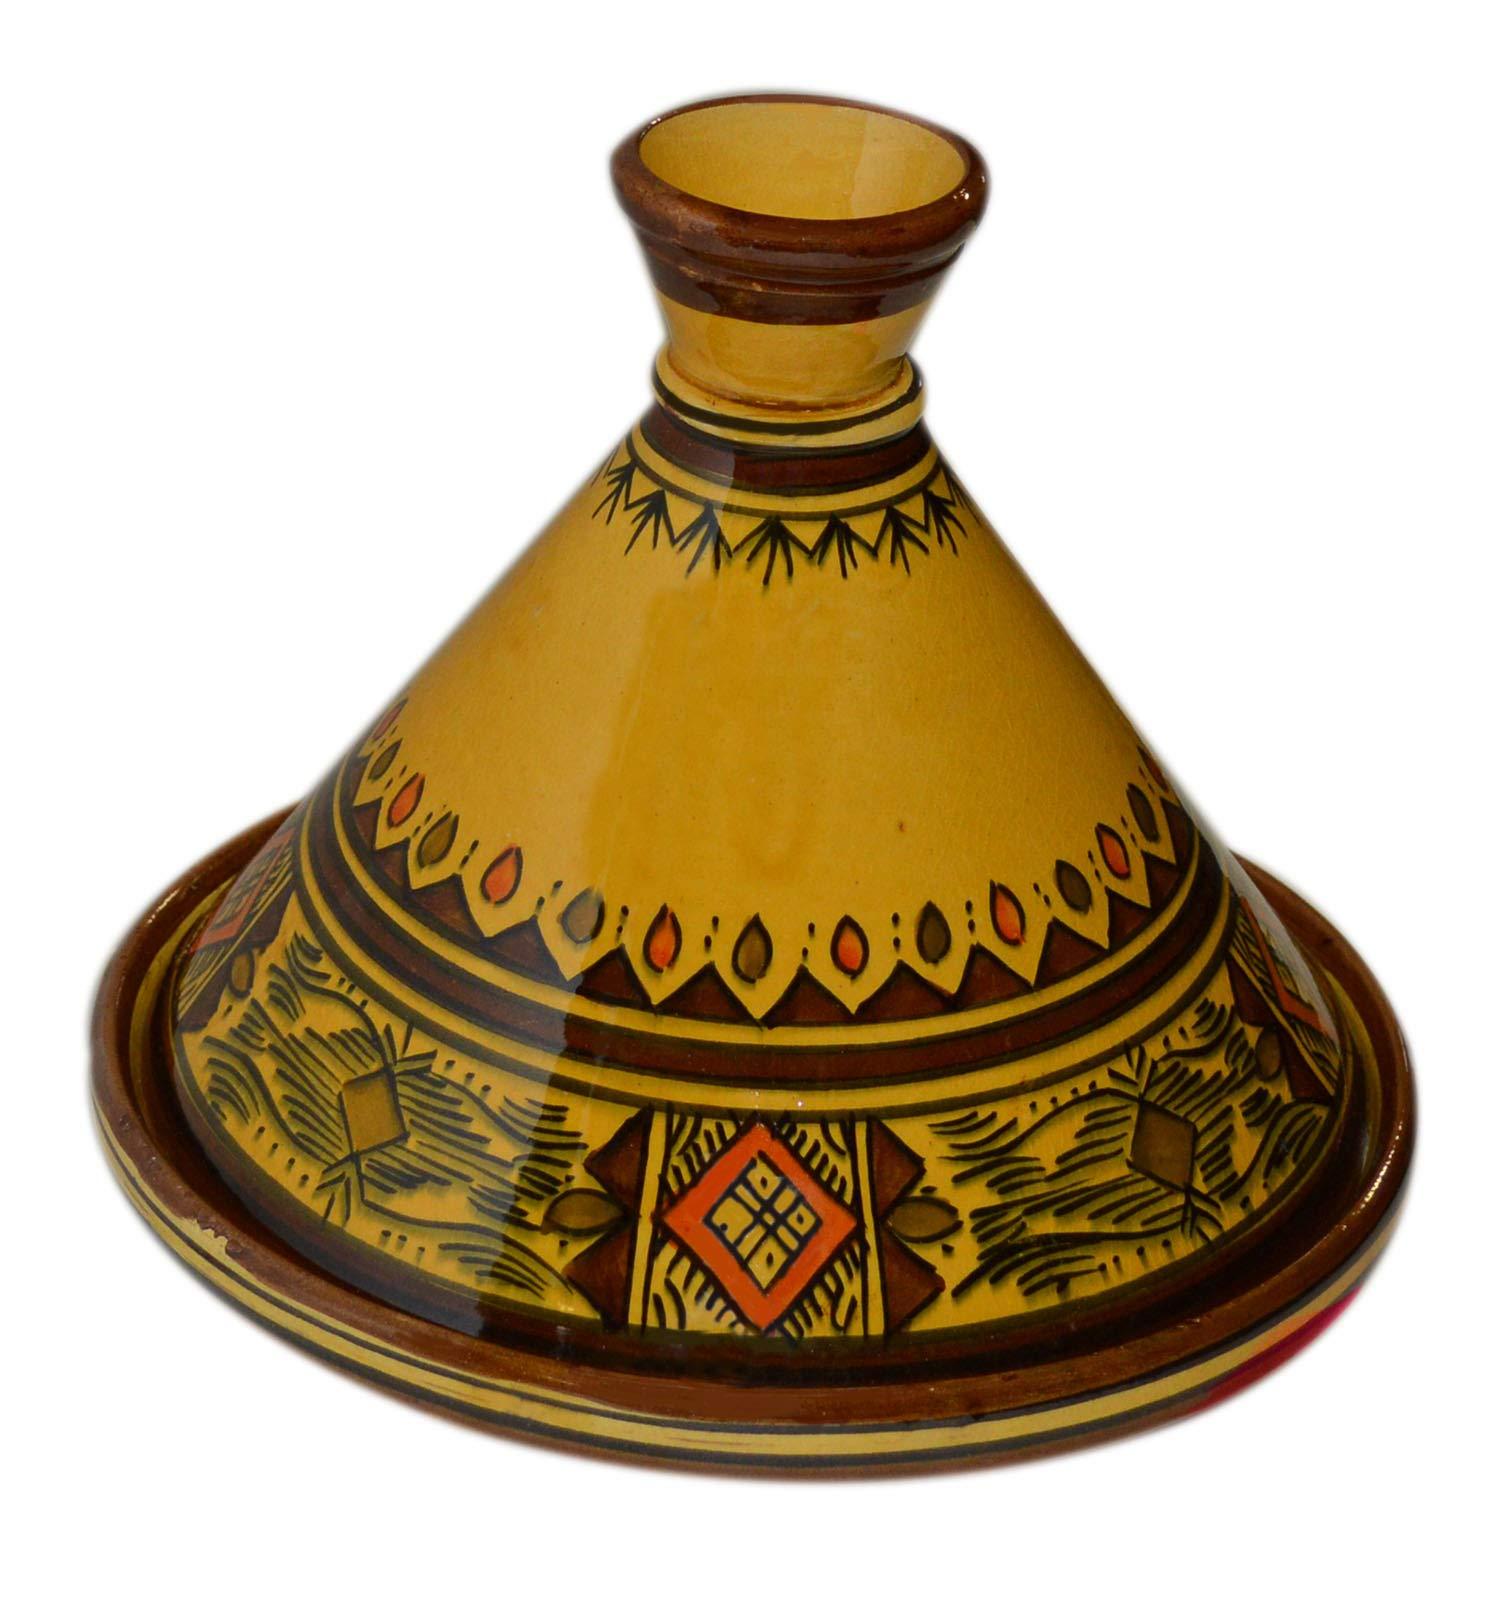 Moroccan Handmade Serving Tagine Exquisite Ceramic With Vivid colors Original 10 Inches in Diameter